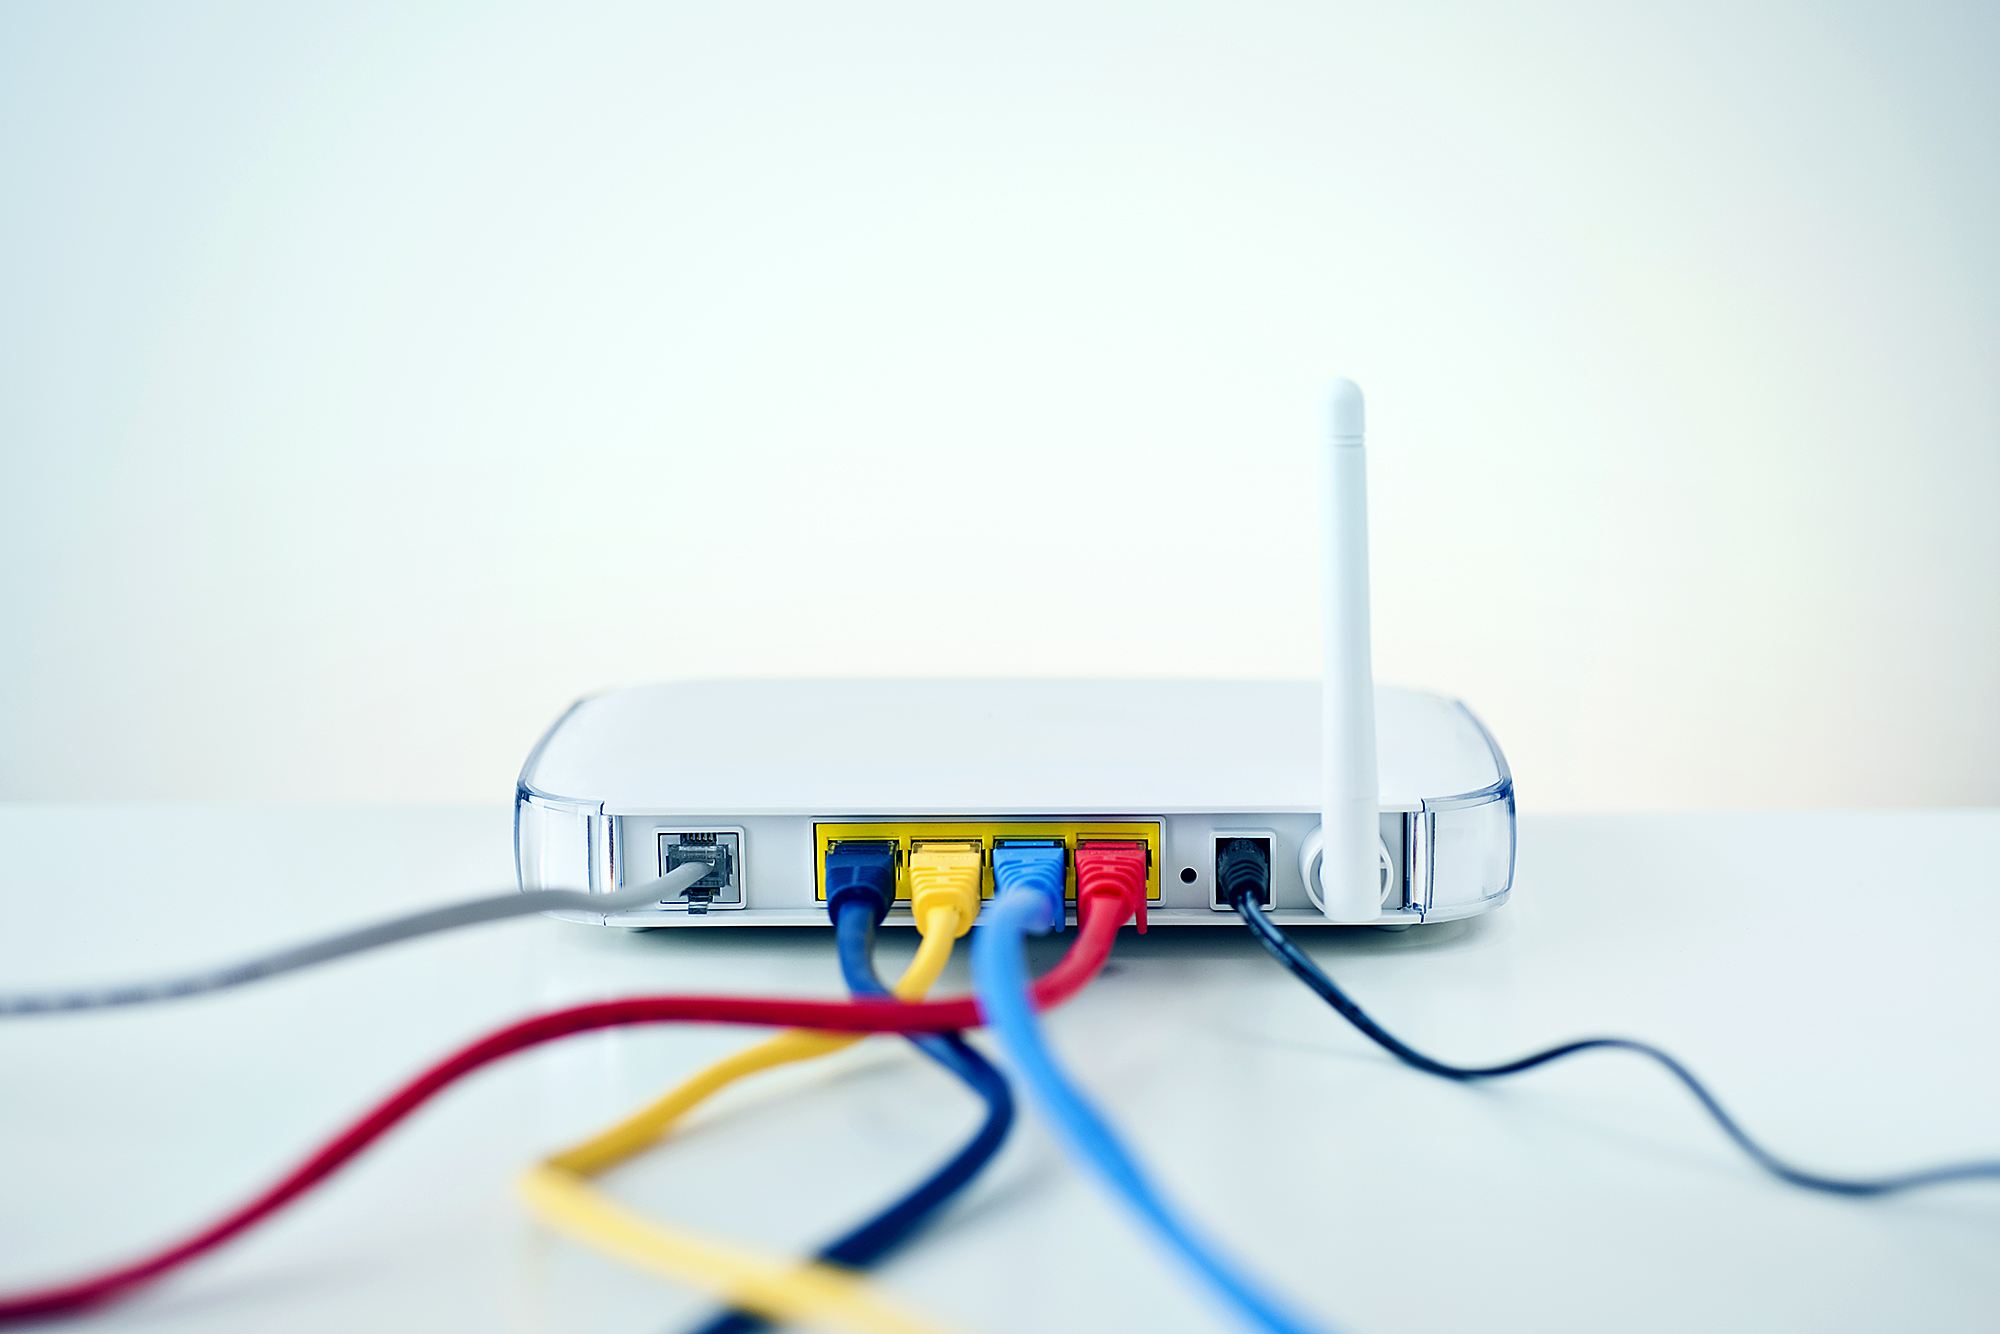 Скрытые функции Wi-Fi роутера, которые улучшат его работу